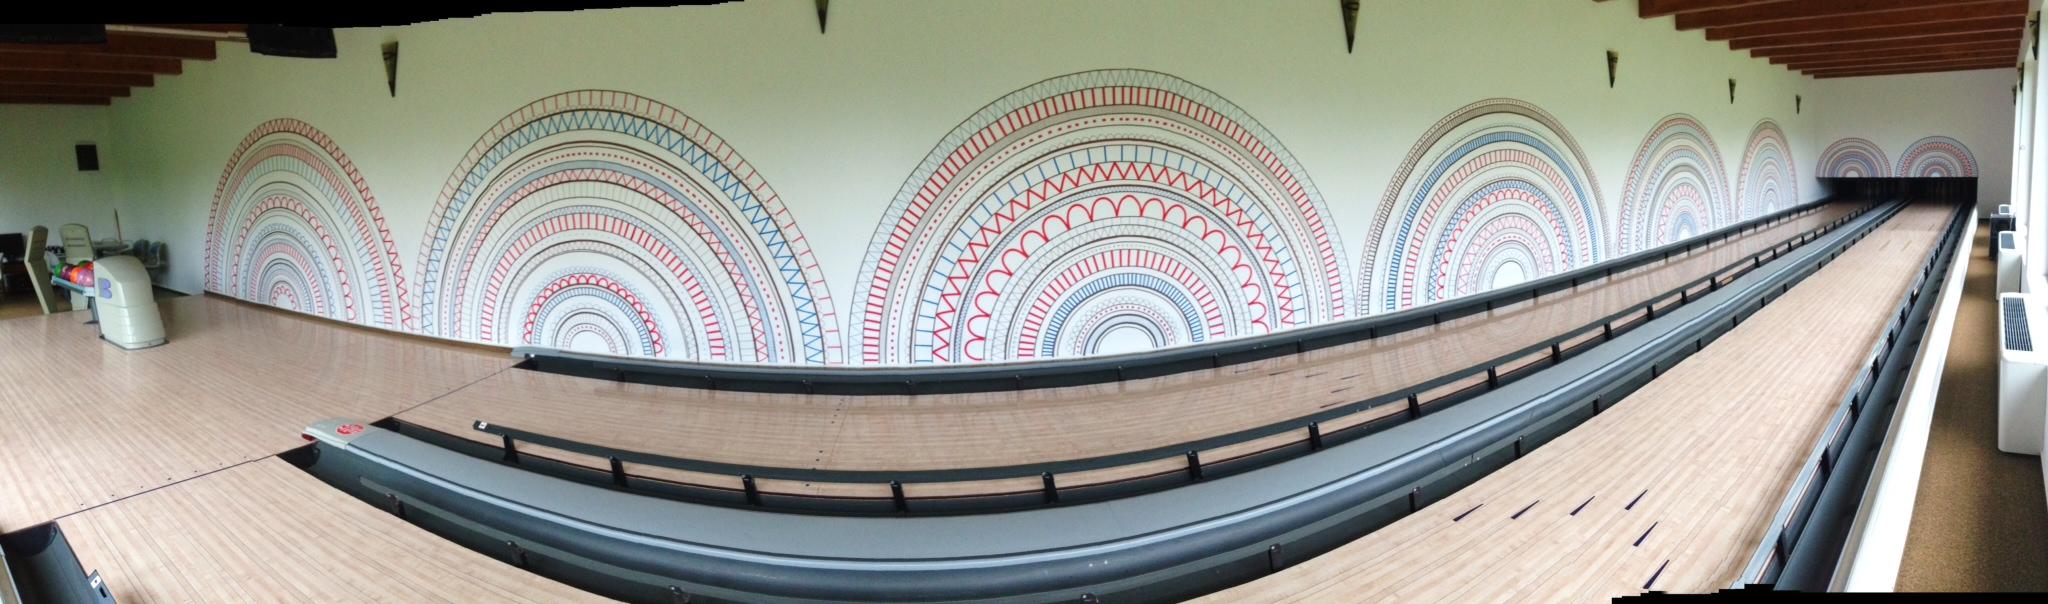 Bowling Lane 2012